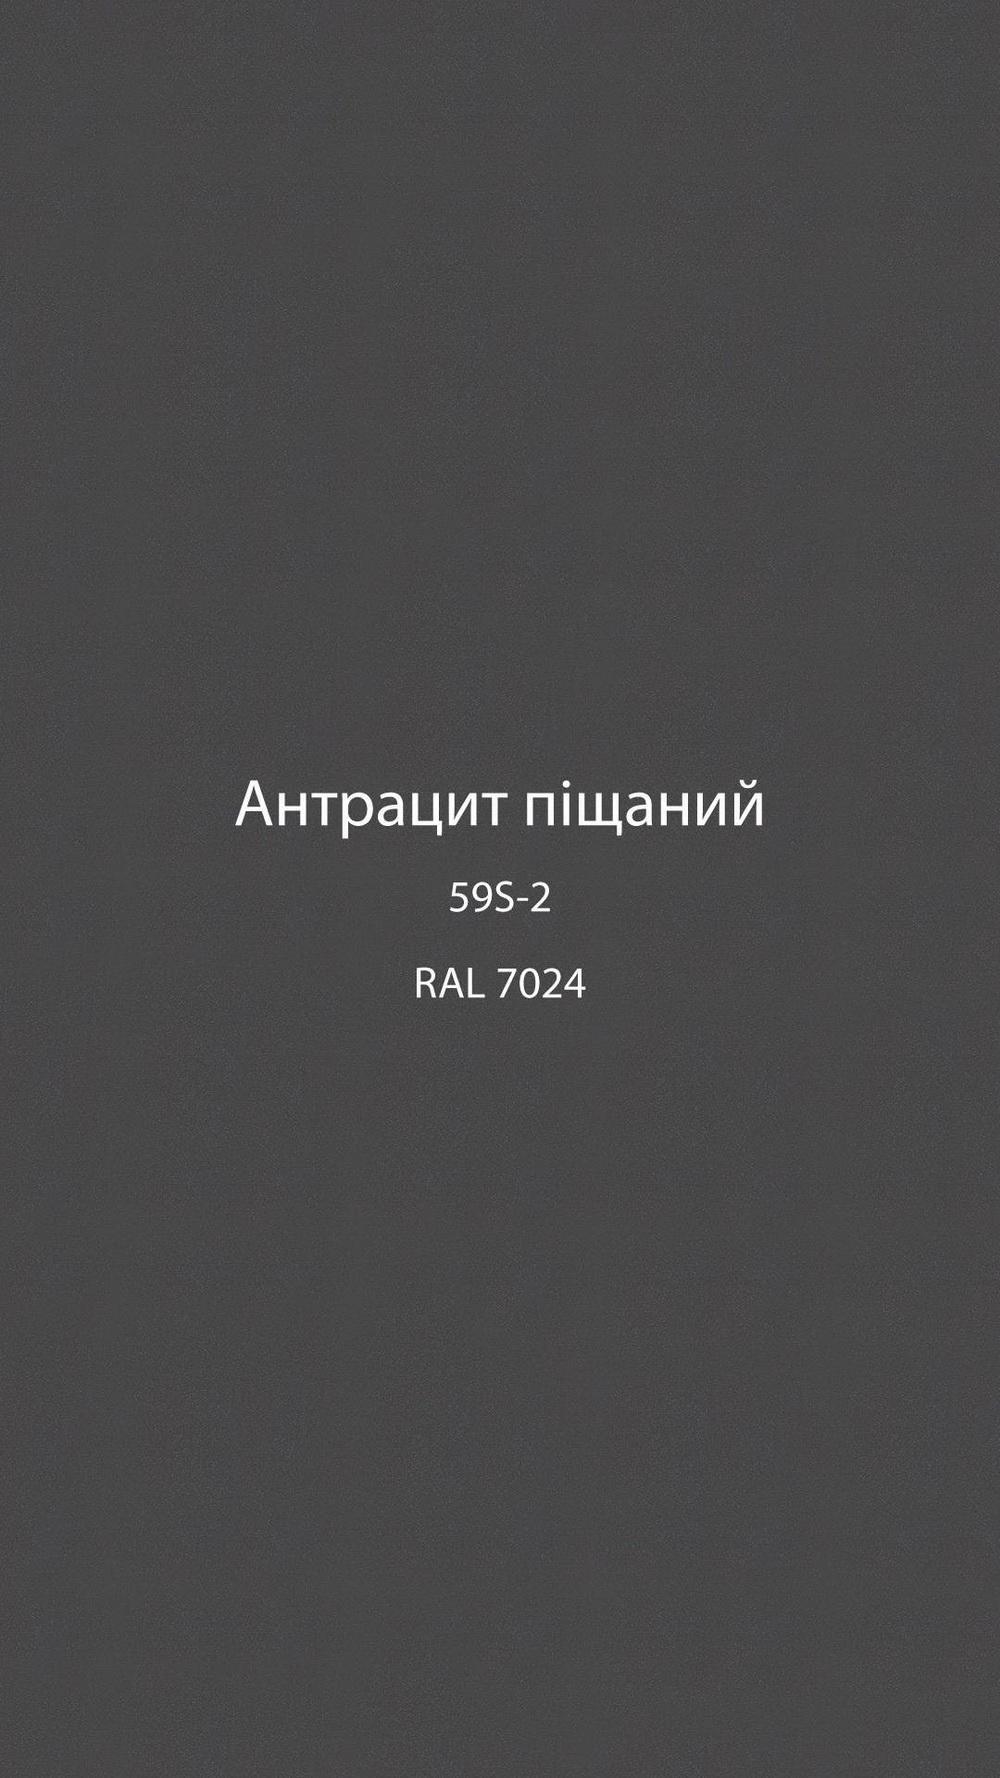 Антрацит піщаний - колір ламінації профілів заводу EKIPAZH